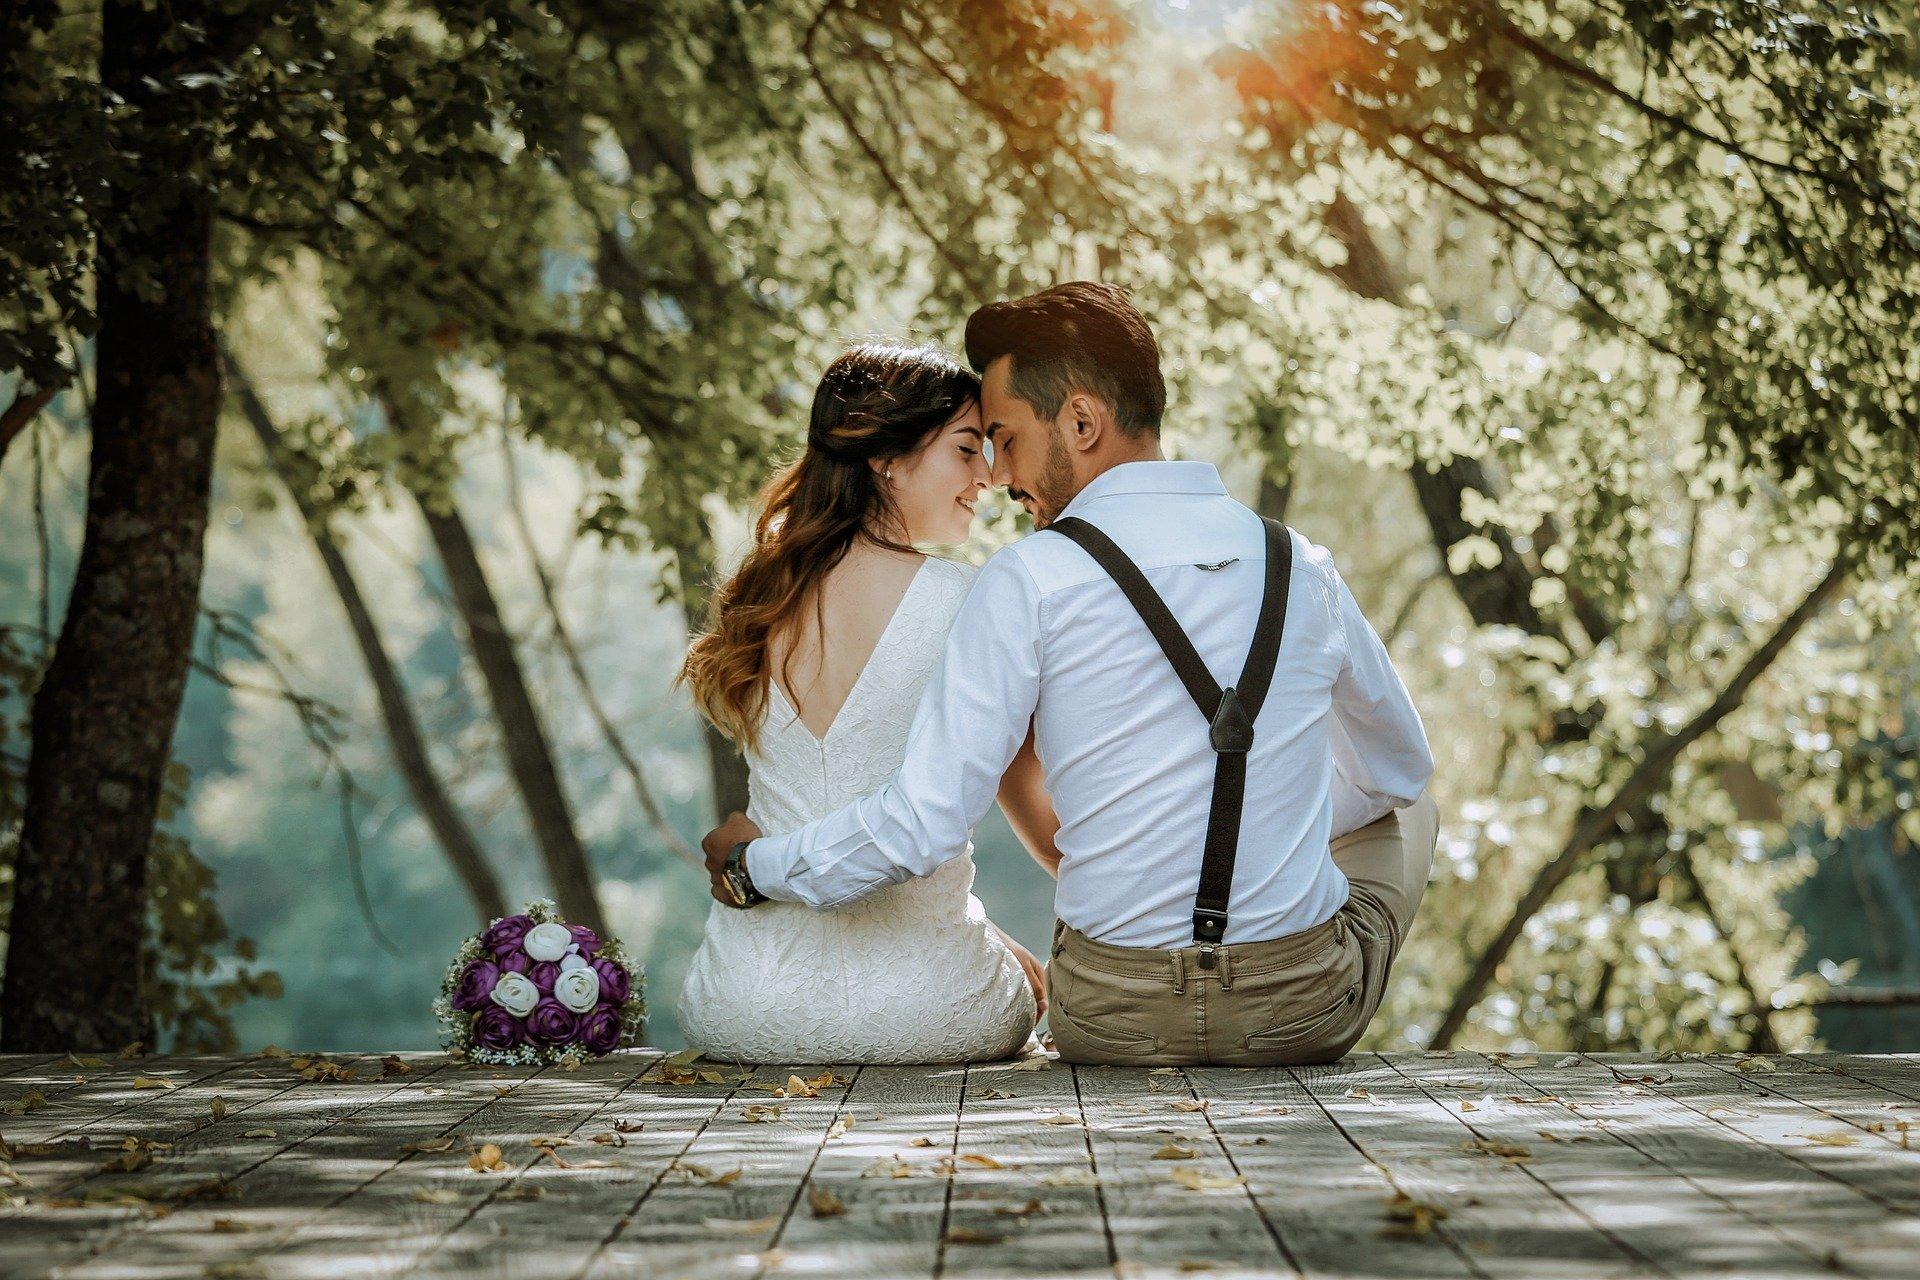 Le mariage, une perte fiscale pour 9% des ménages